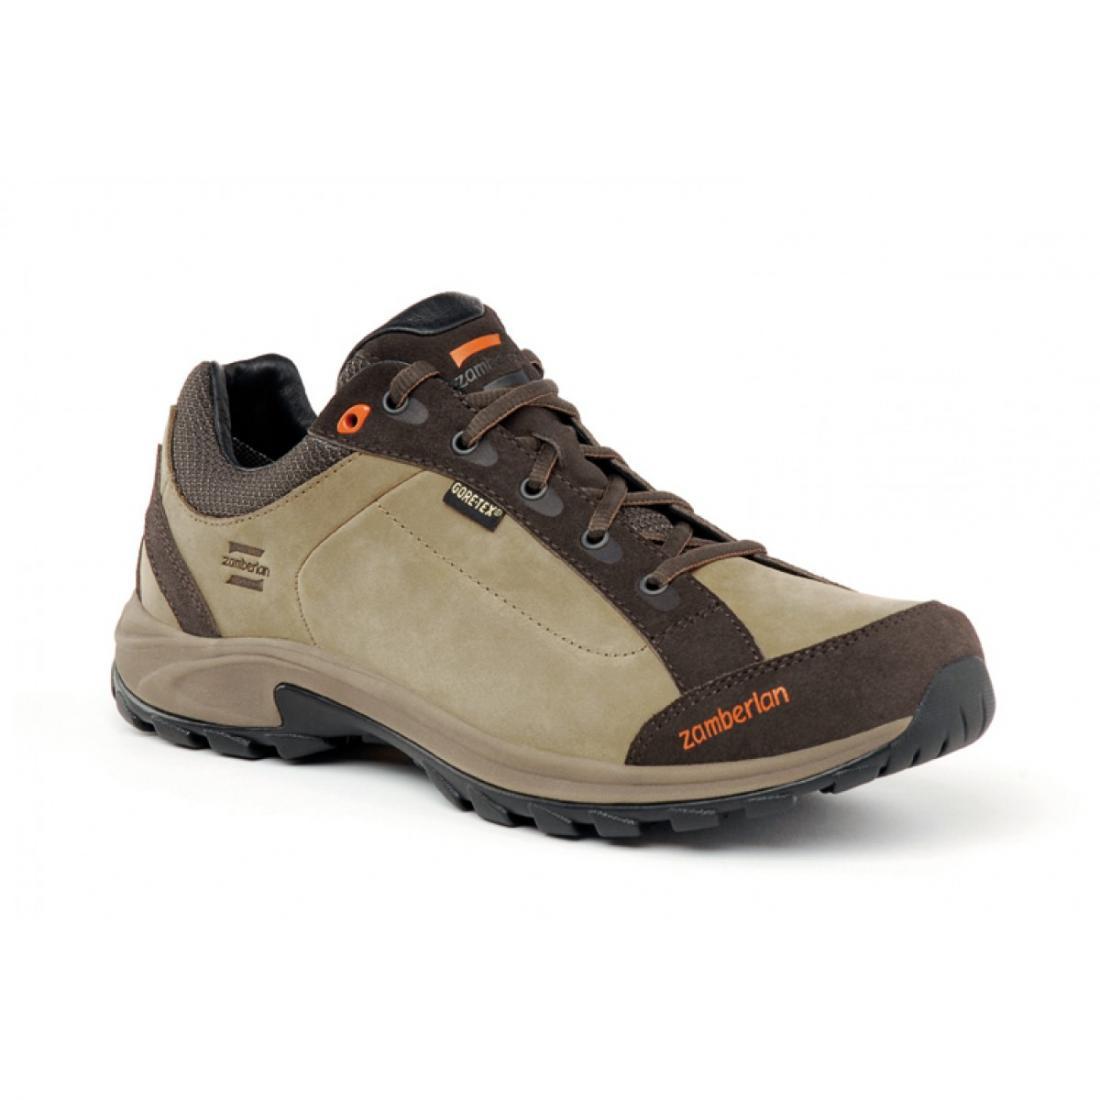 Ботинки 241 VISTA GTXТреккинговые<br><br><br>Цвет: Коричневый<br>Размер: 48